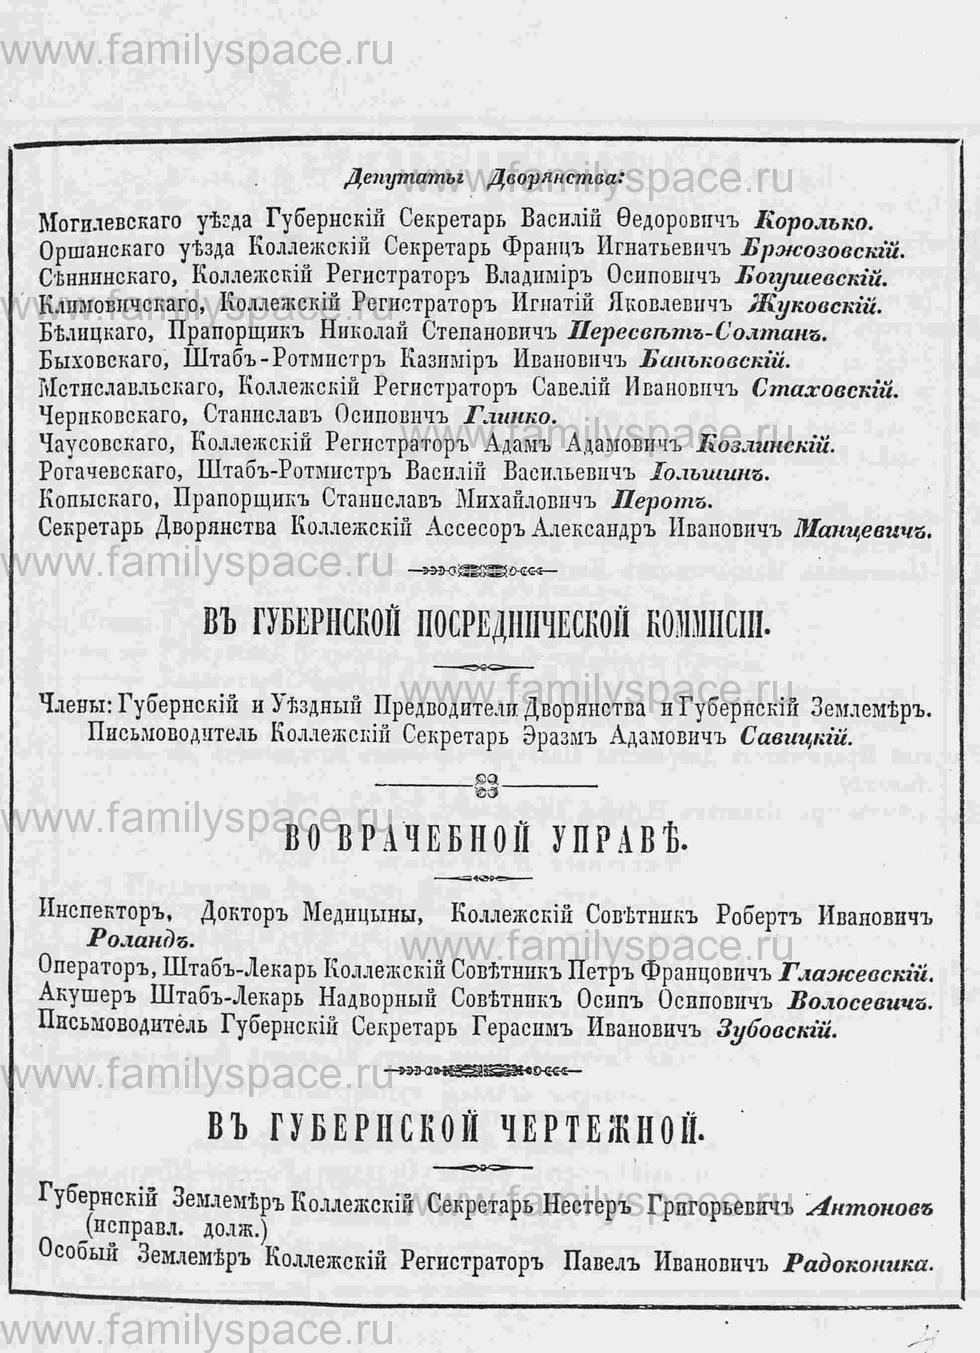 Поиск по фамилии - Памятная книга за 1853 год по Могилёвской губернии, страница 11